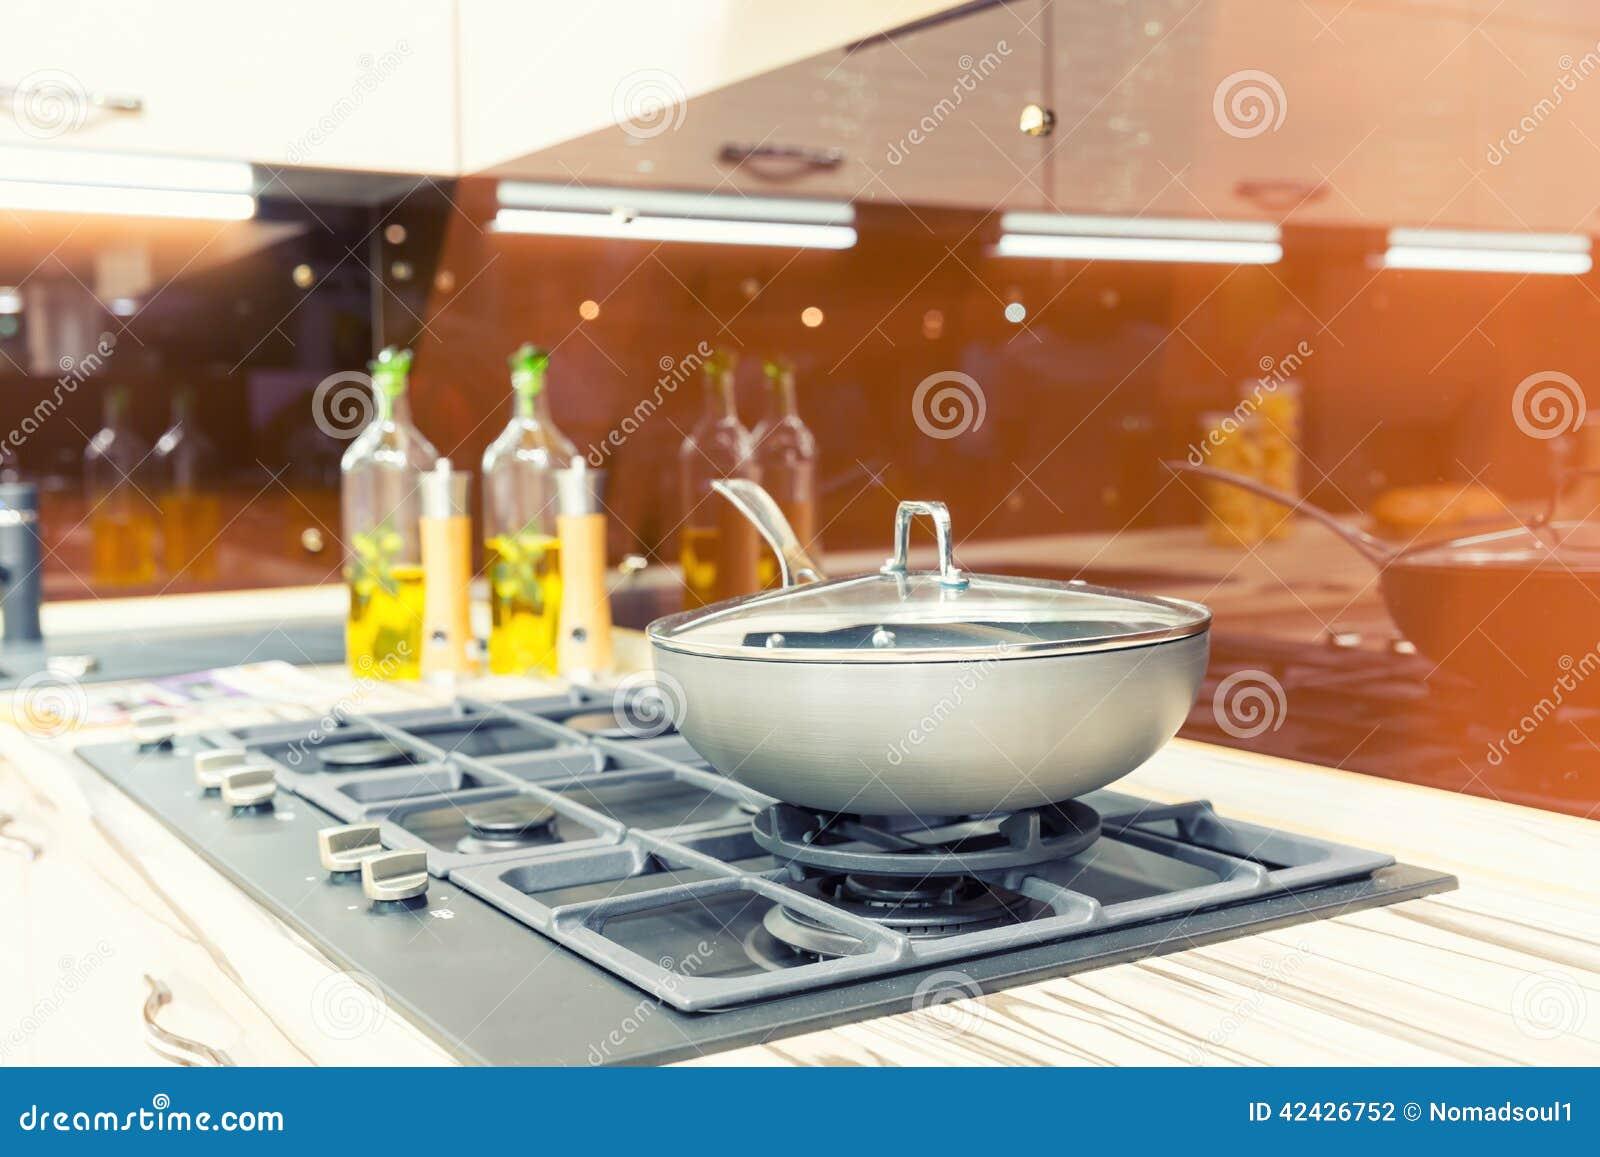 Estufa con la cacerola en la cocina moderna plástica